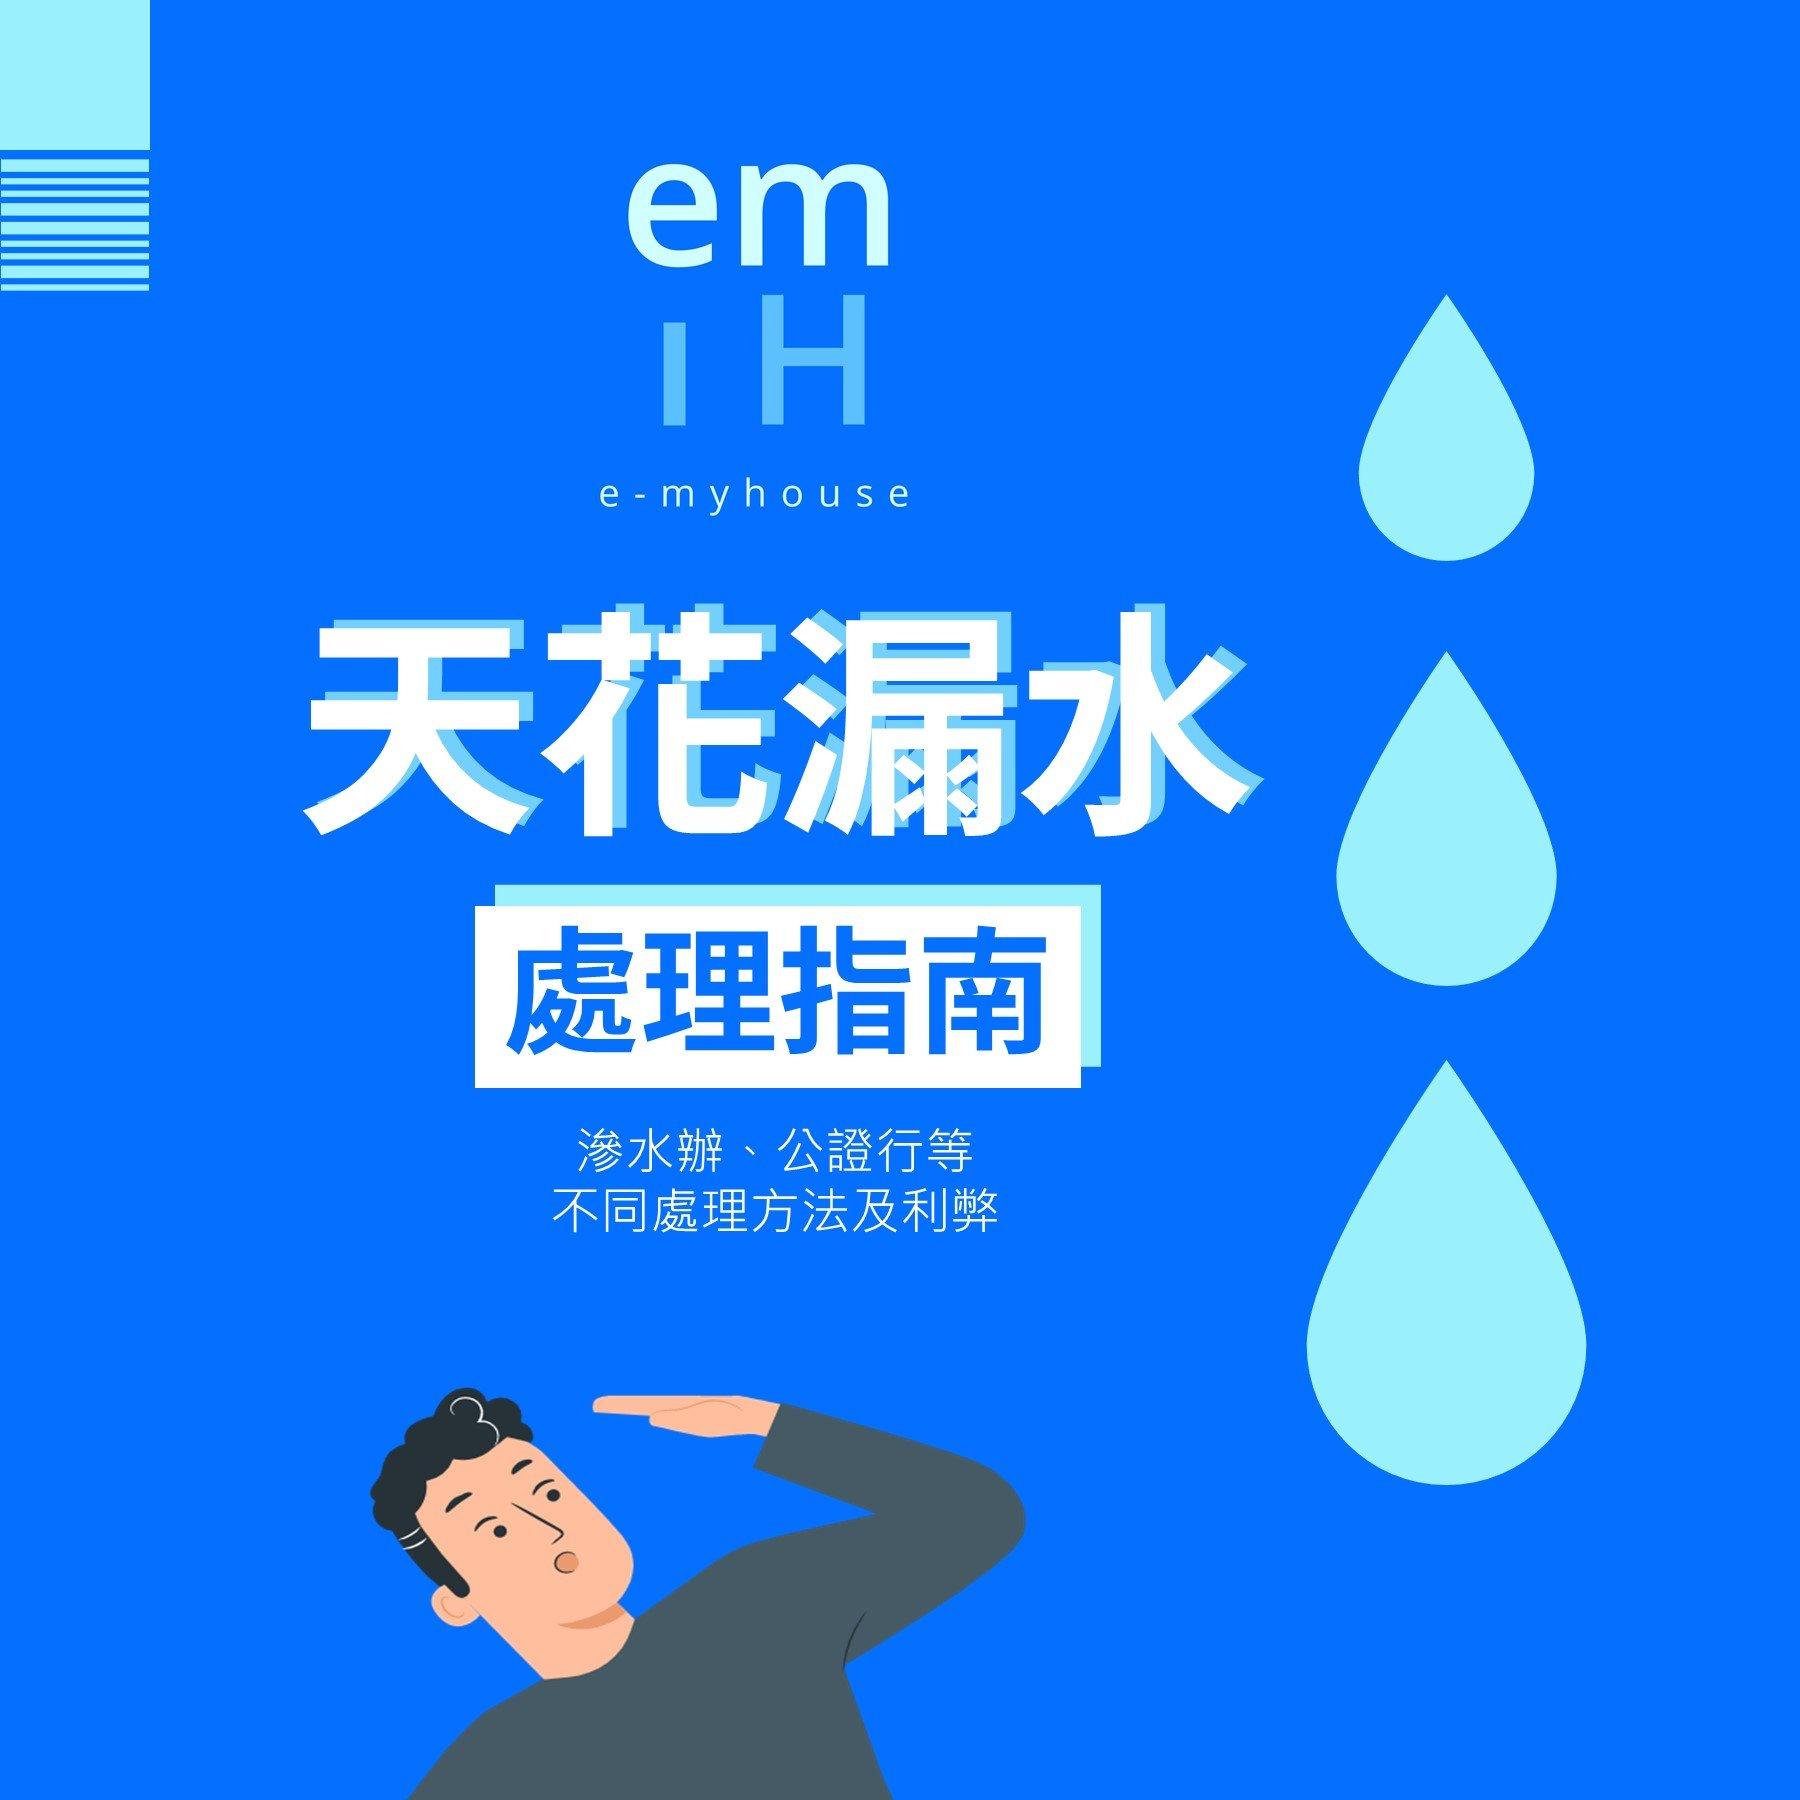 天花漏水:滲水辦、公證行,不同處理方法及利弊